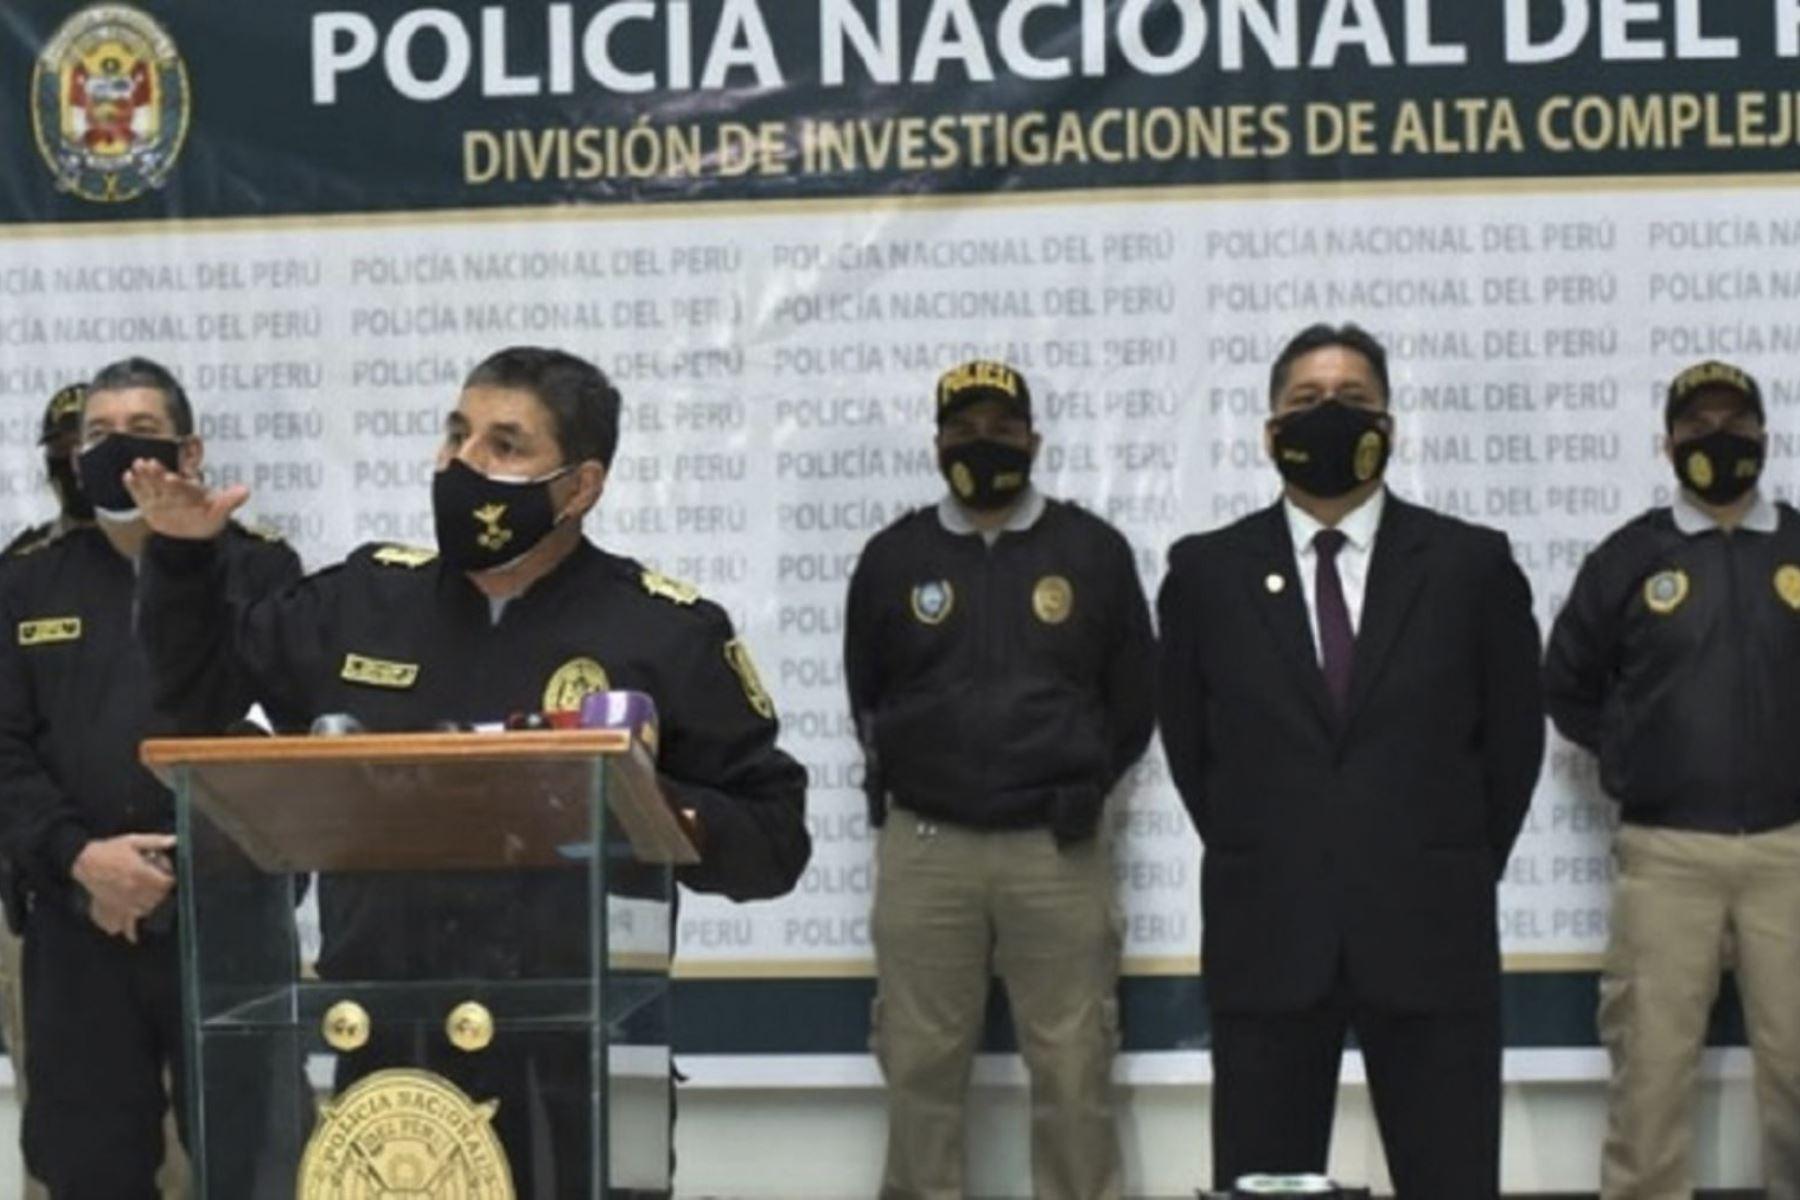 Policía Nacional captura a 12 integrantes de red criminal dedicada a extorsión y sicariato. Junto a Fiscalía ejecutó operativo contra los Intocables del Sur Este, en Lima, Piura y San Martín.